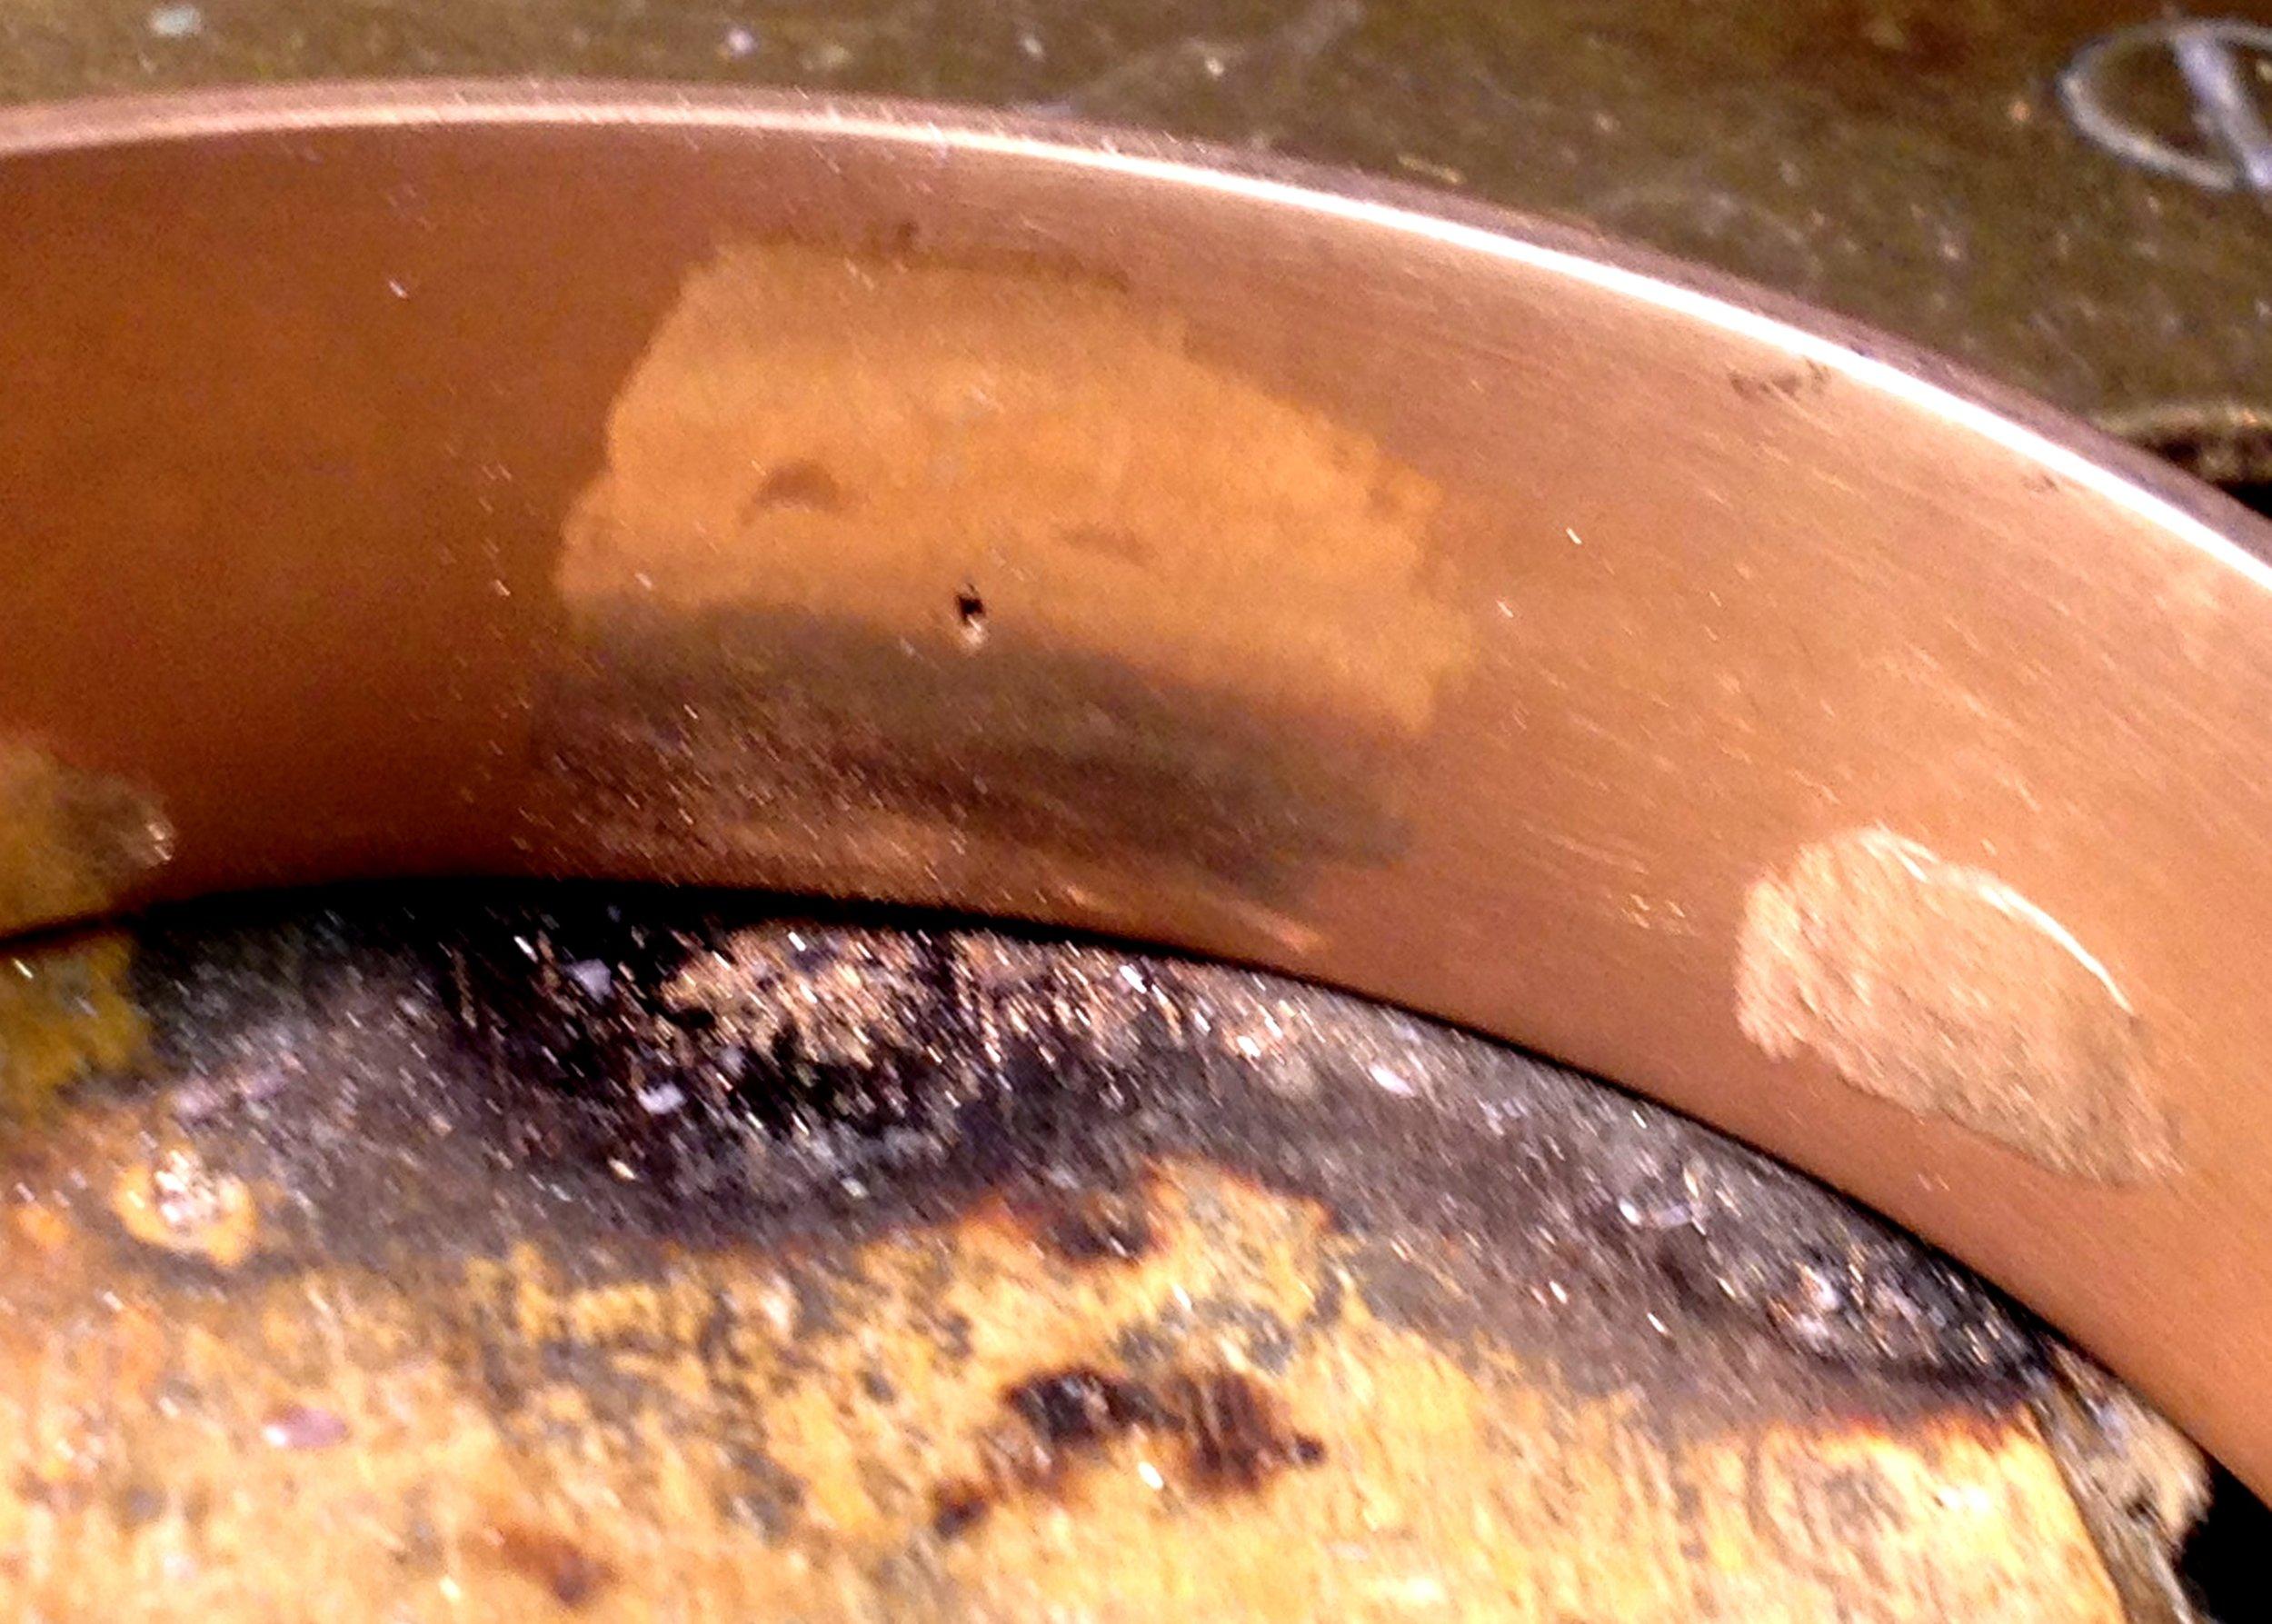 22-karat-gold-custom-designed-Etruscan-bracelet-being-finished..jpg